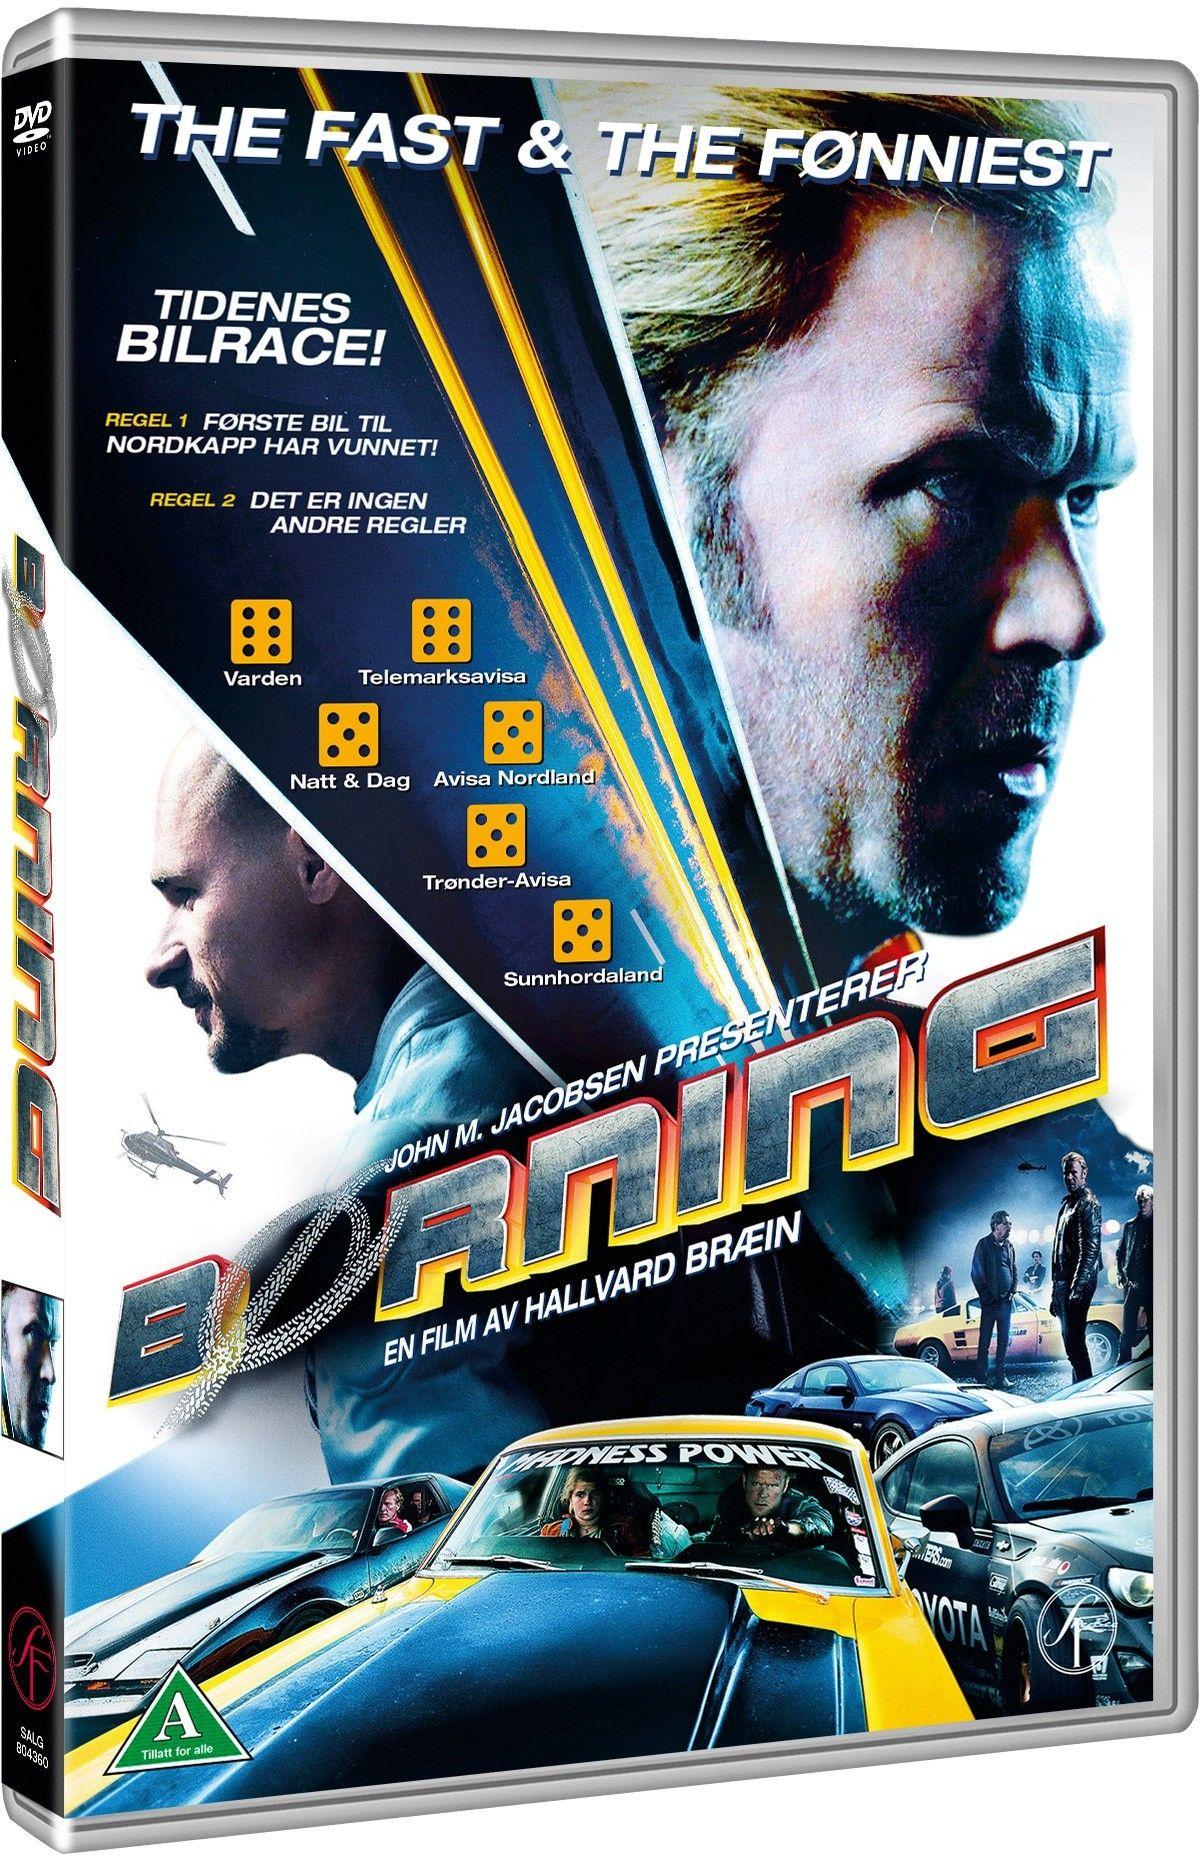 BøRNING - http://cinestreamseed.com/borning/